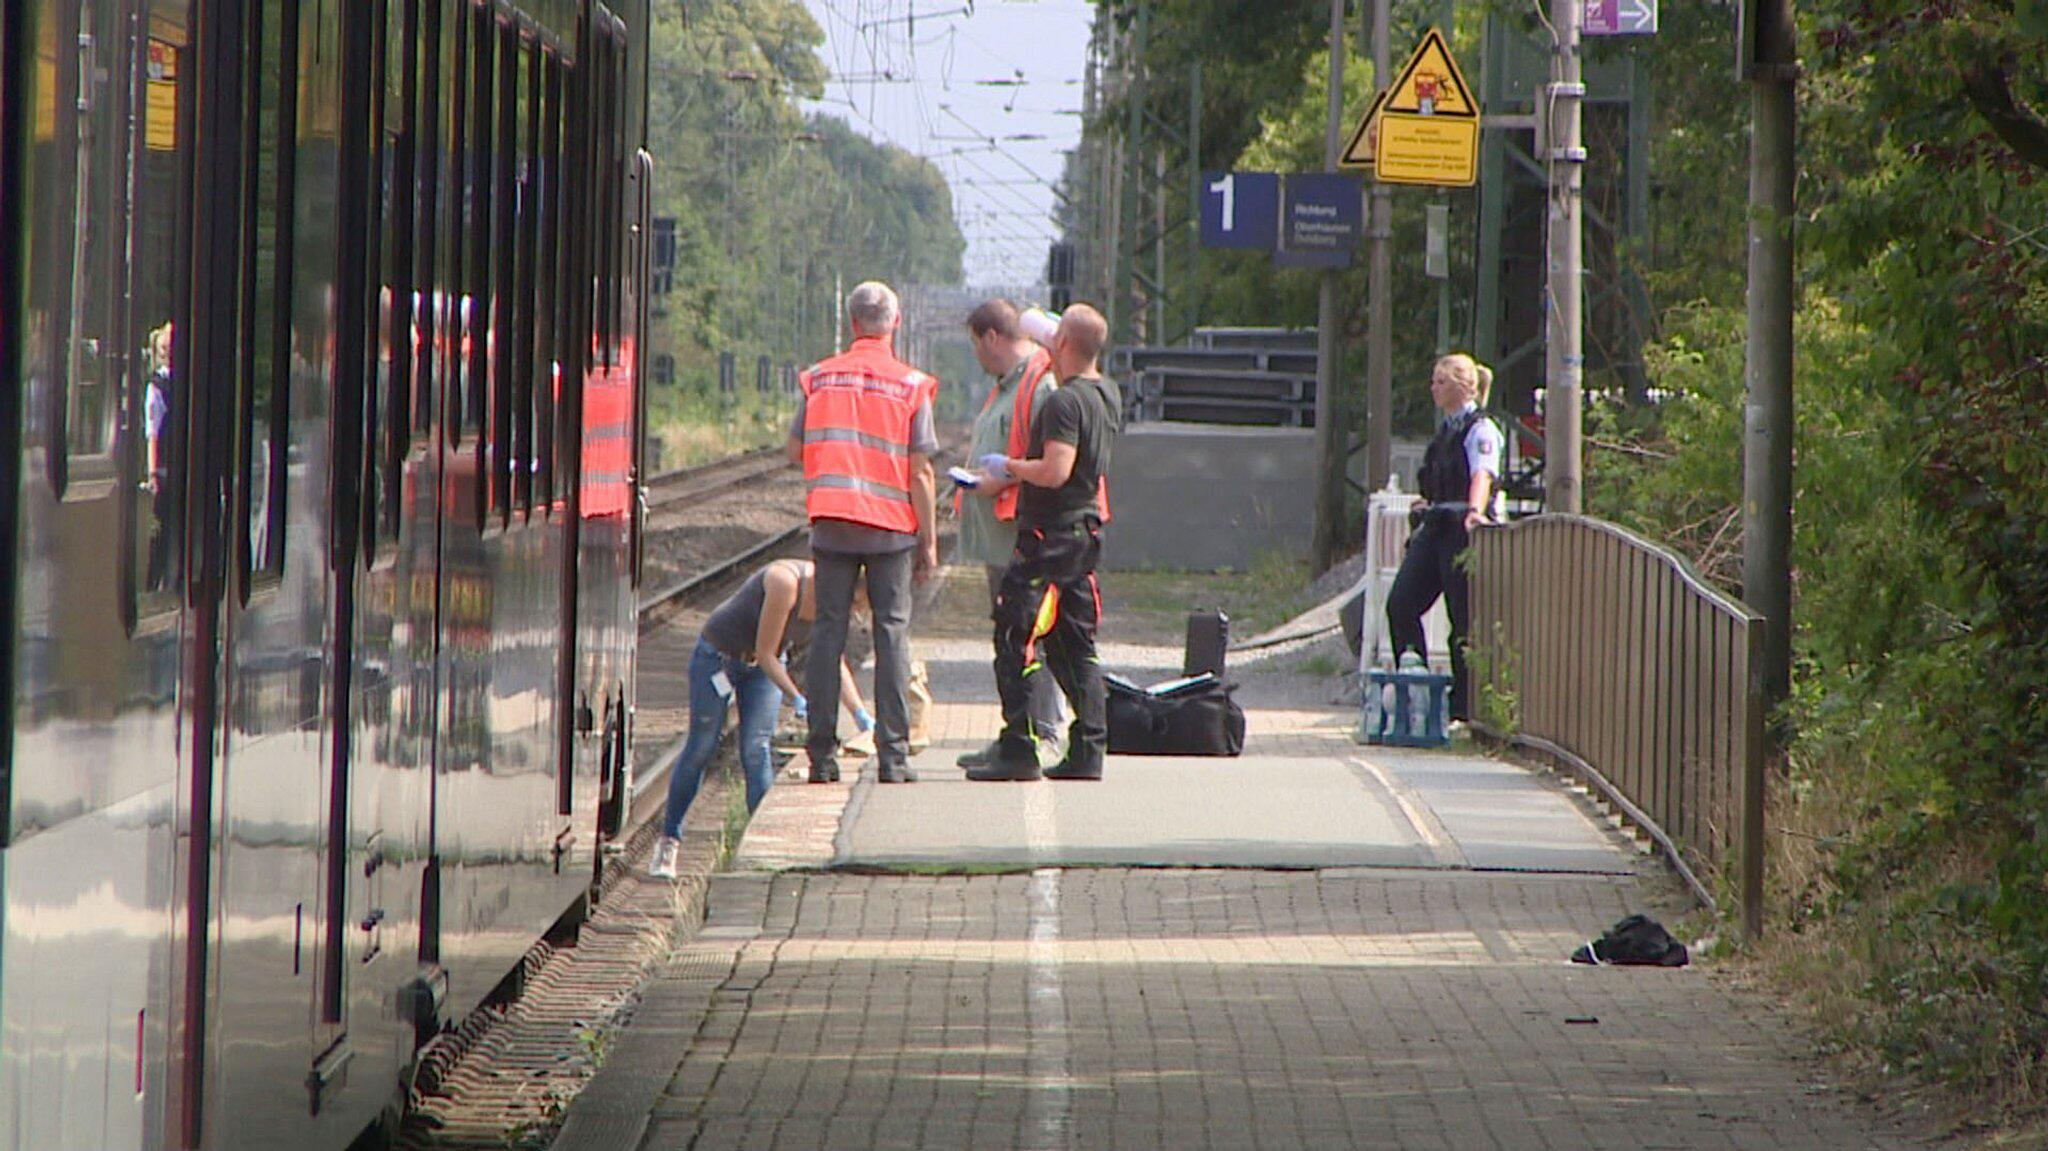 Bild zu Mann schubst Frau vor einfahrenden Zug